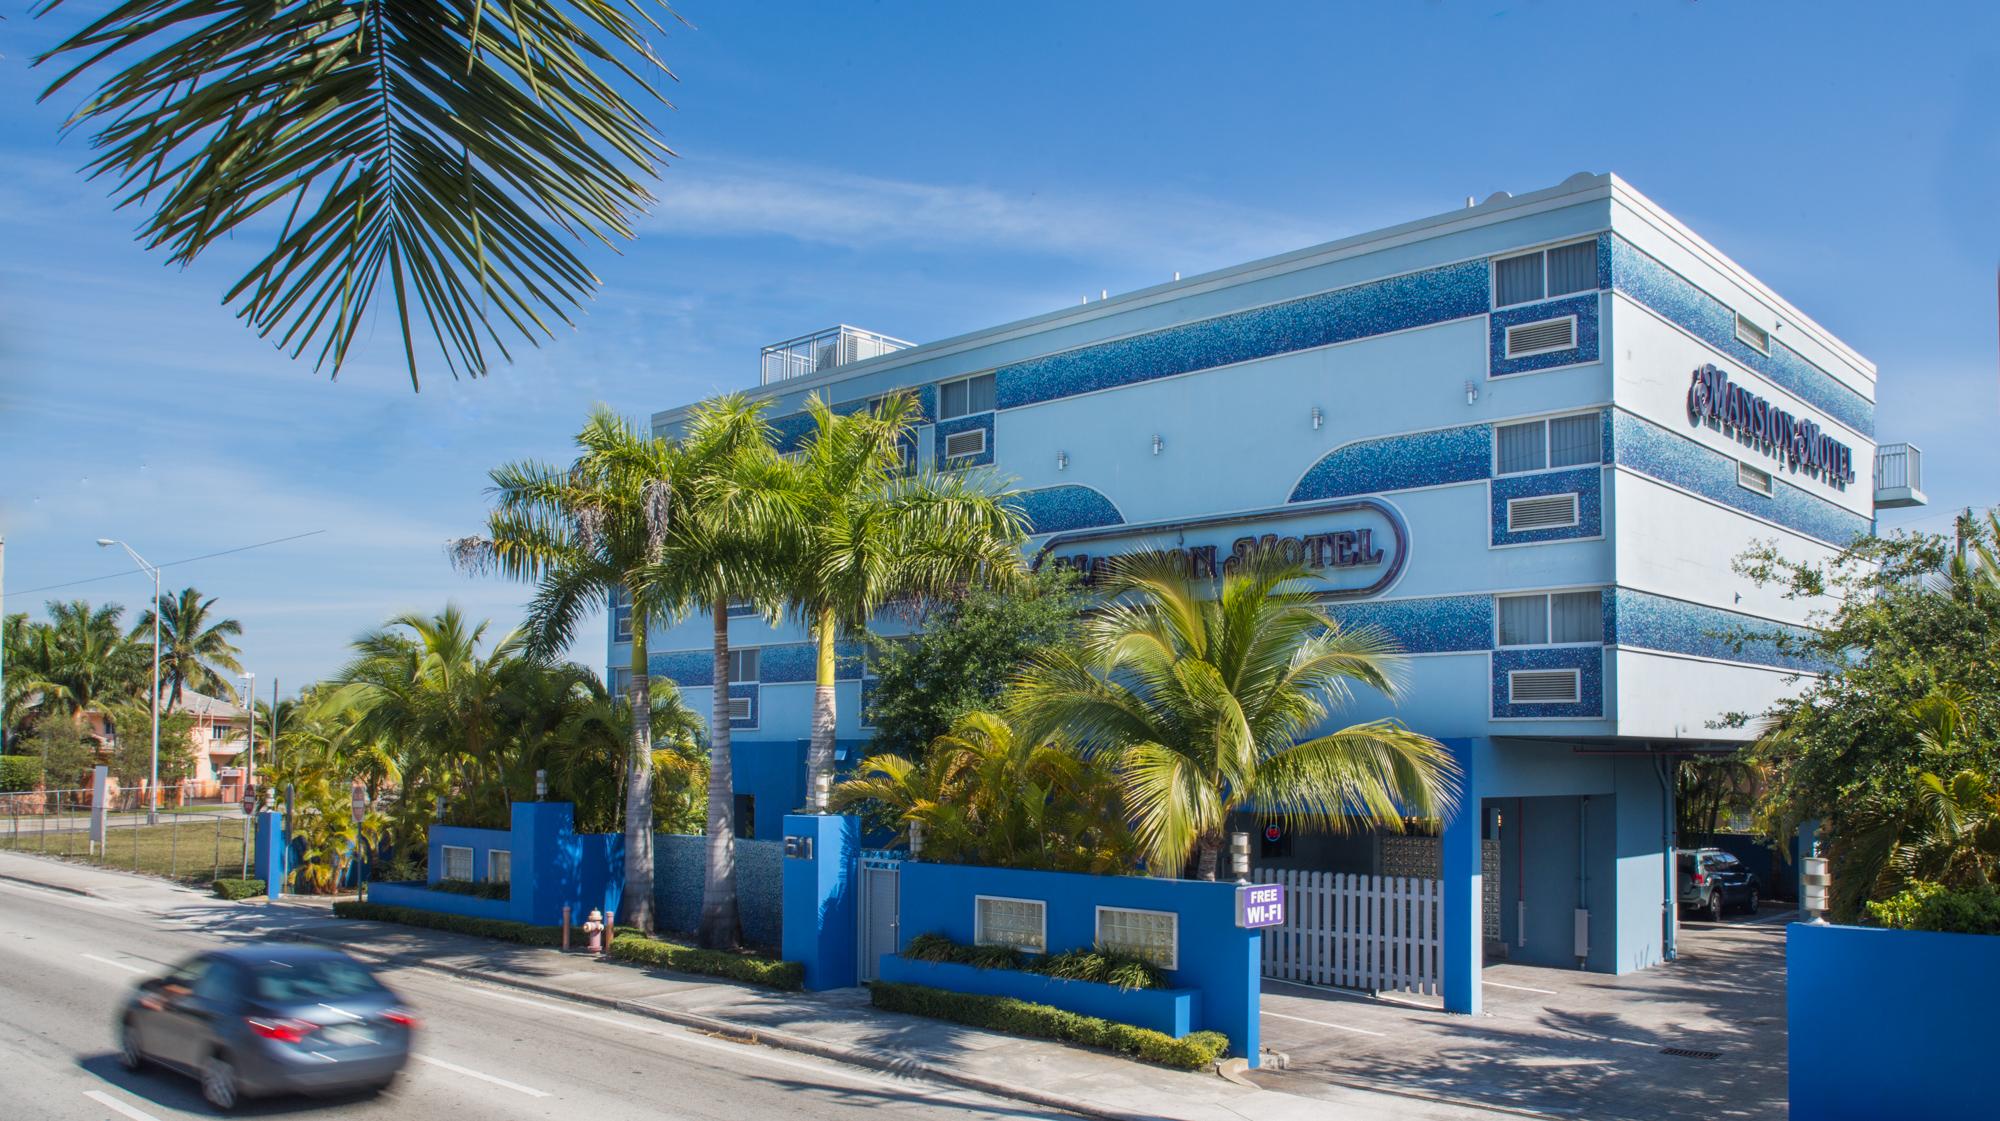 Executive Motel Hialeah Fl